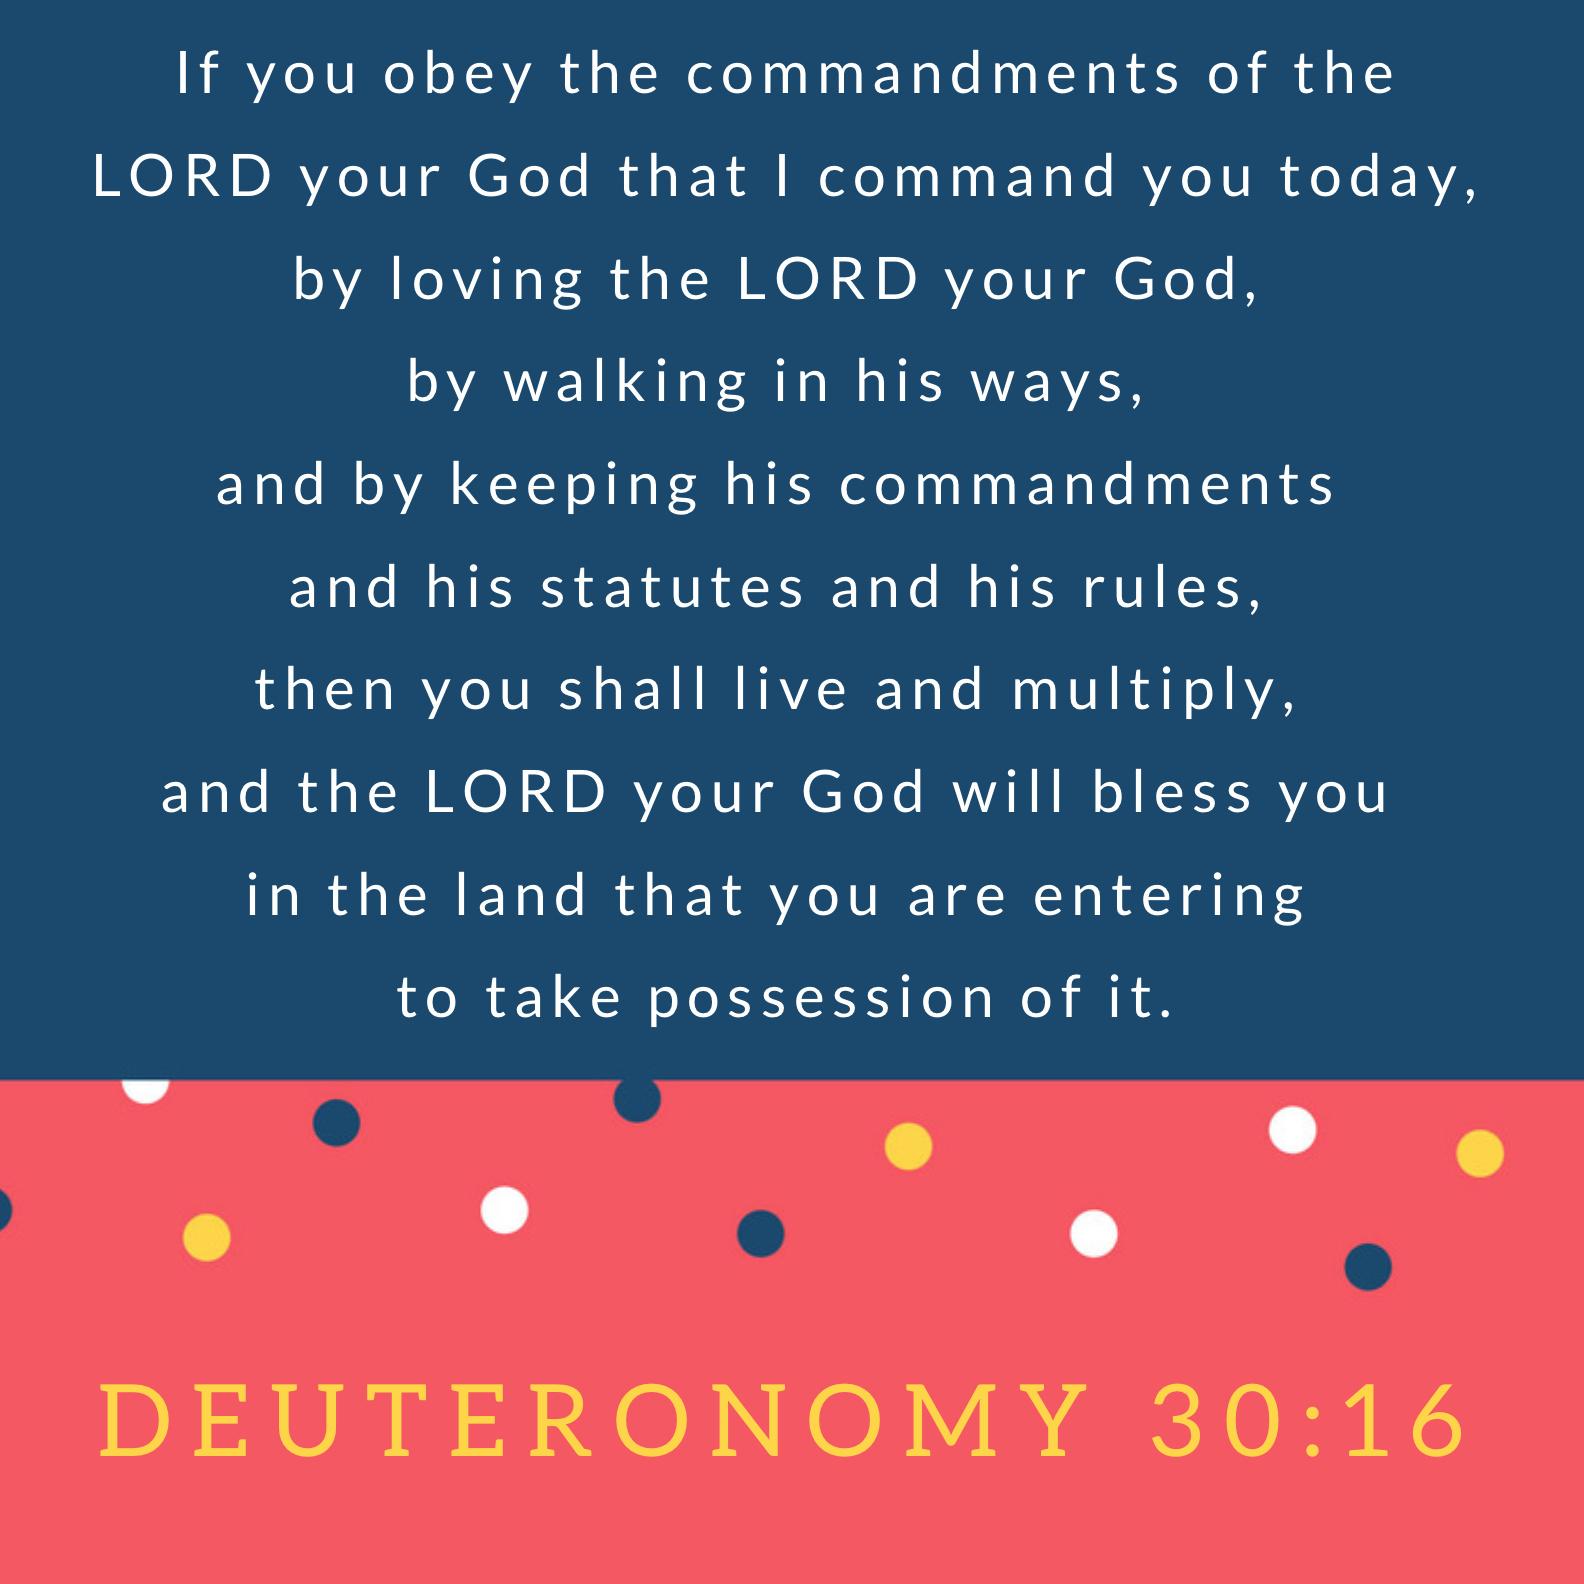 Deuteronomy-30-16